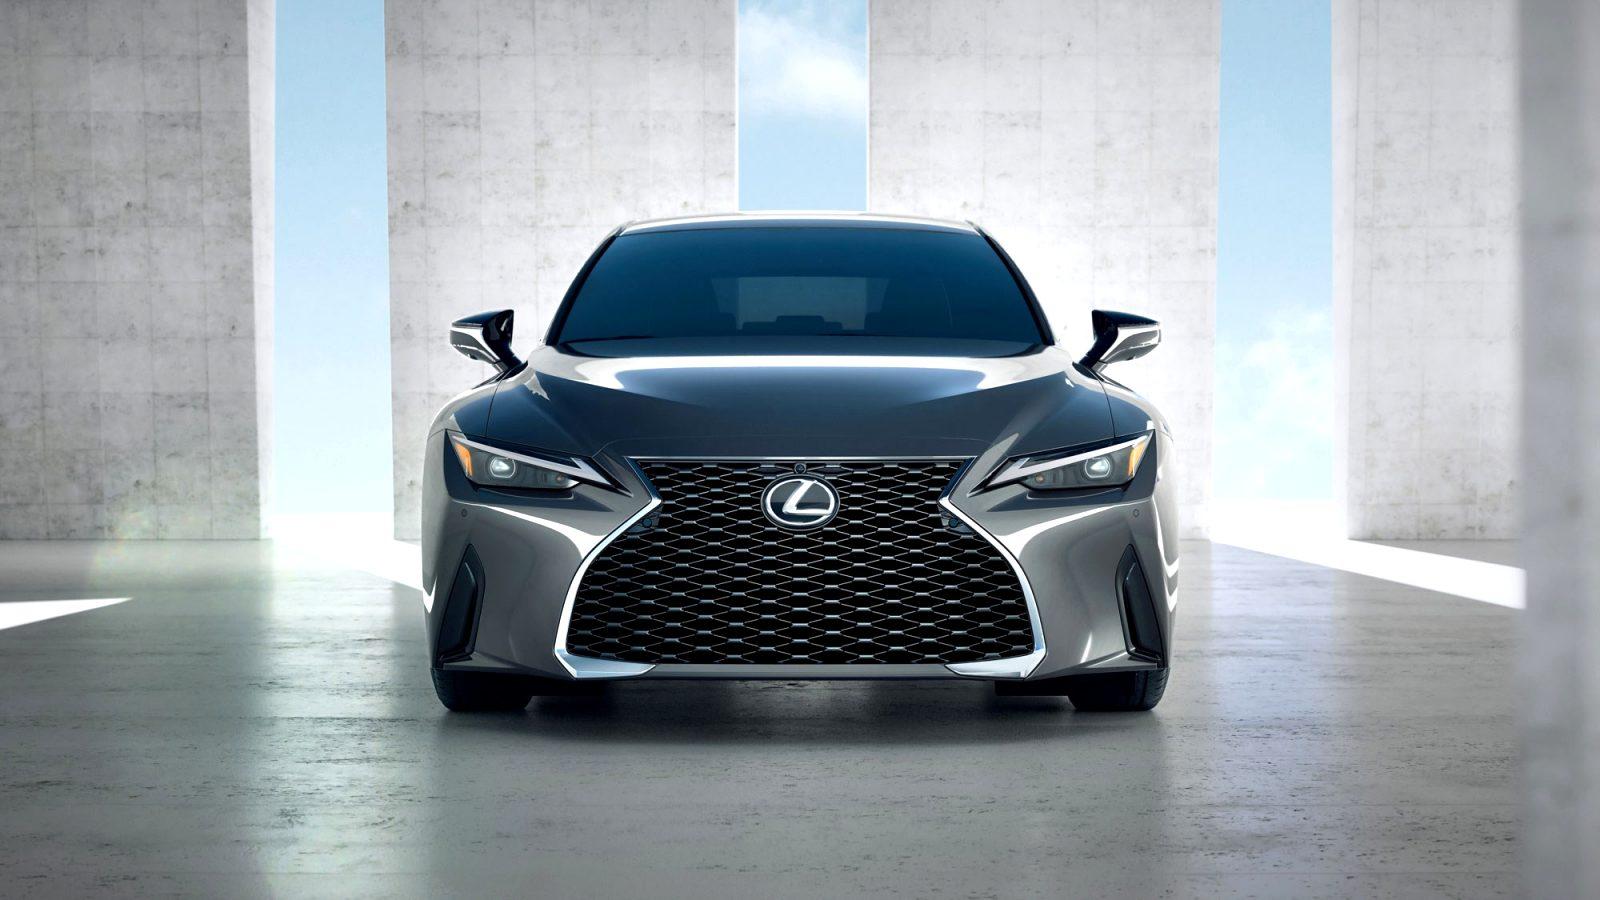 Lexus-Electric-car-2021.jpg